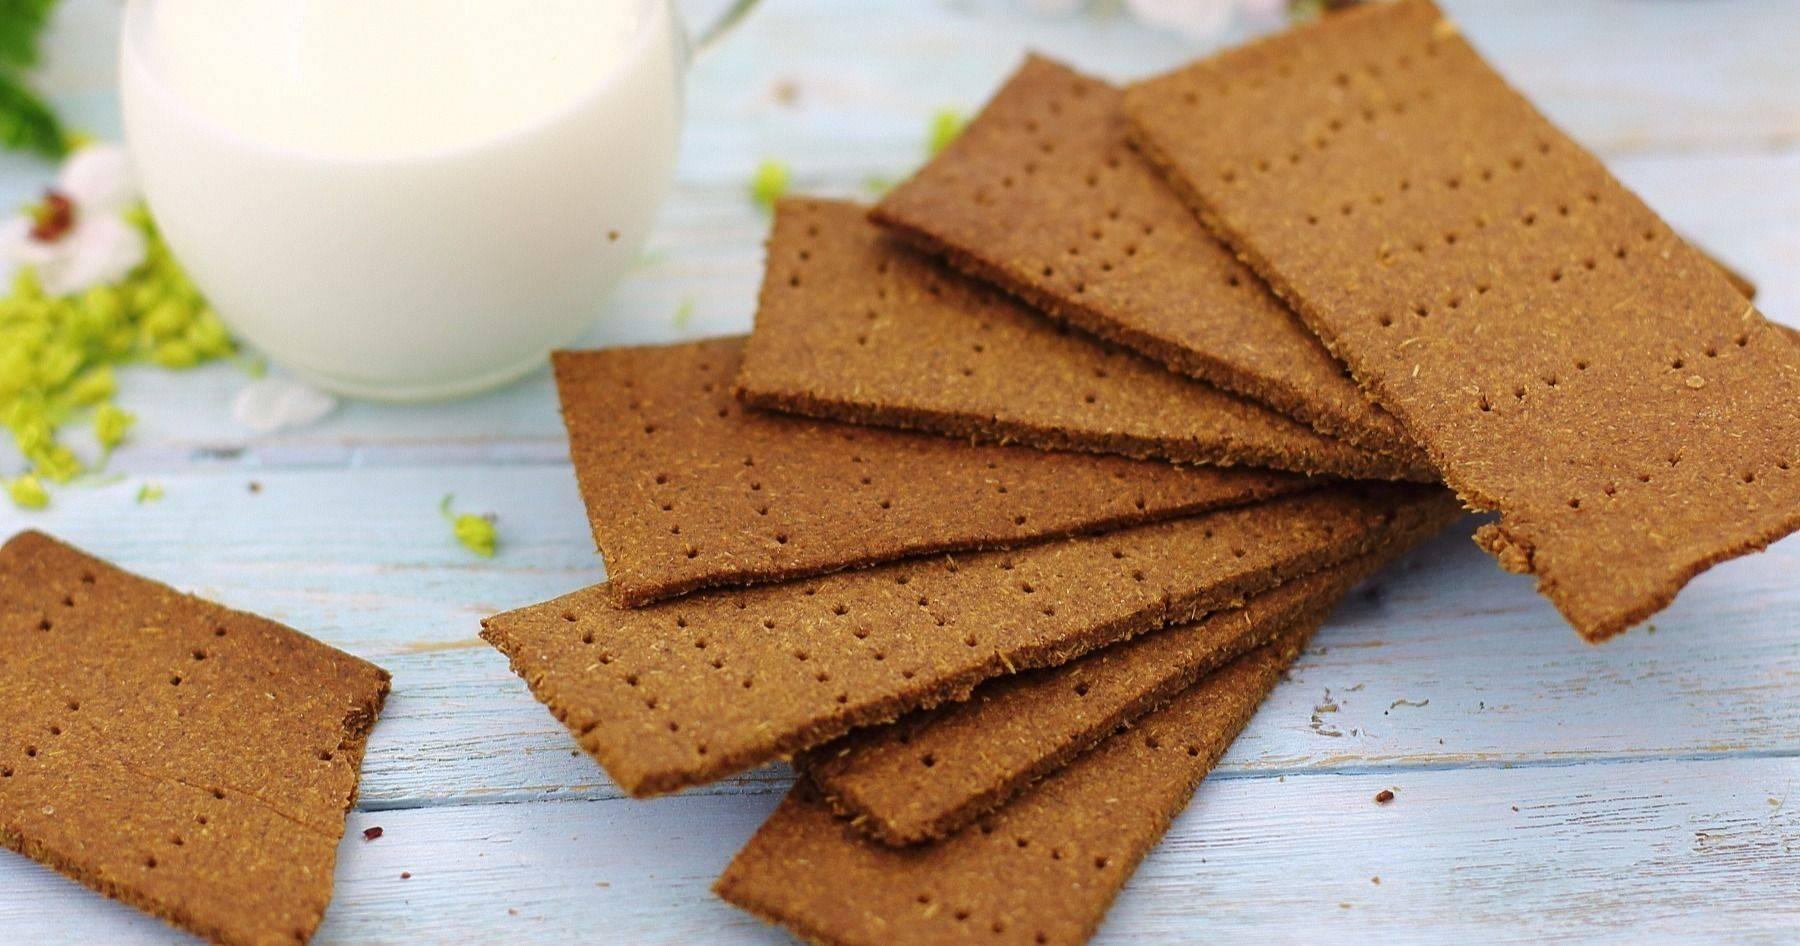 Солодовый хлеб — польза и вред для организма